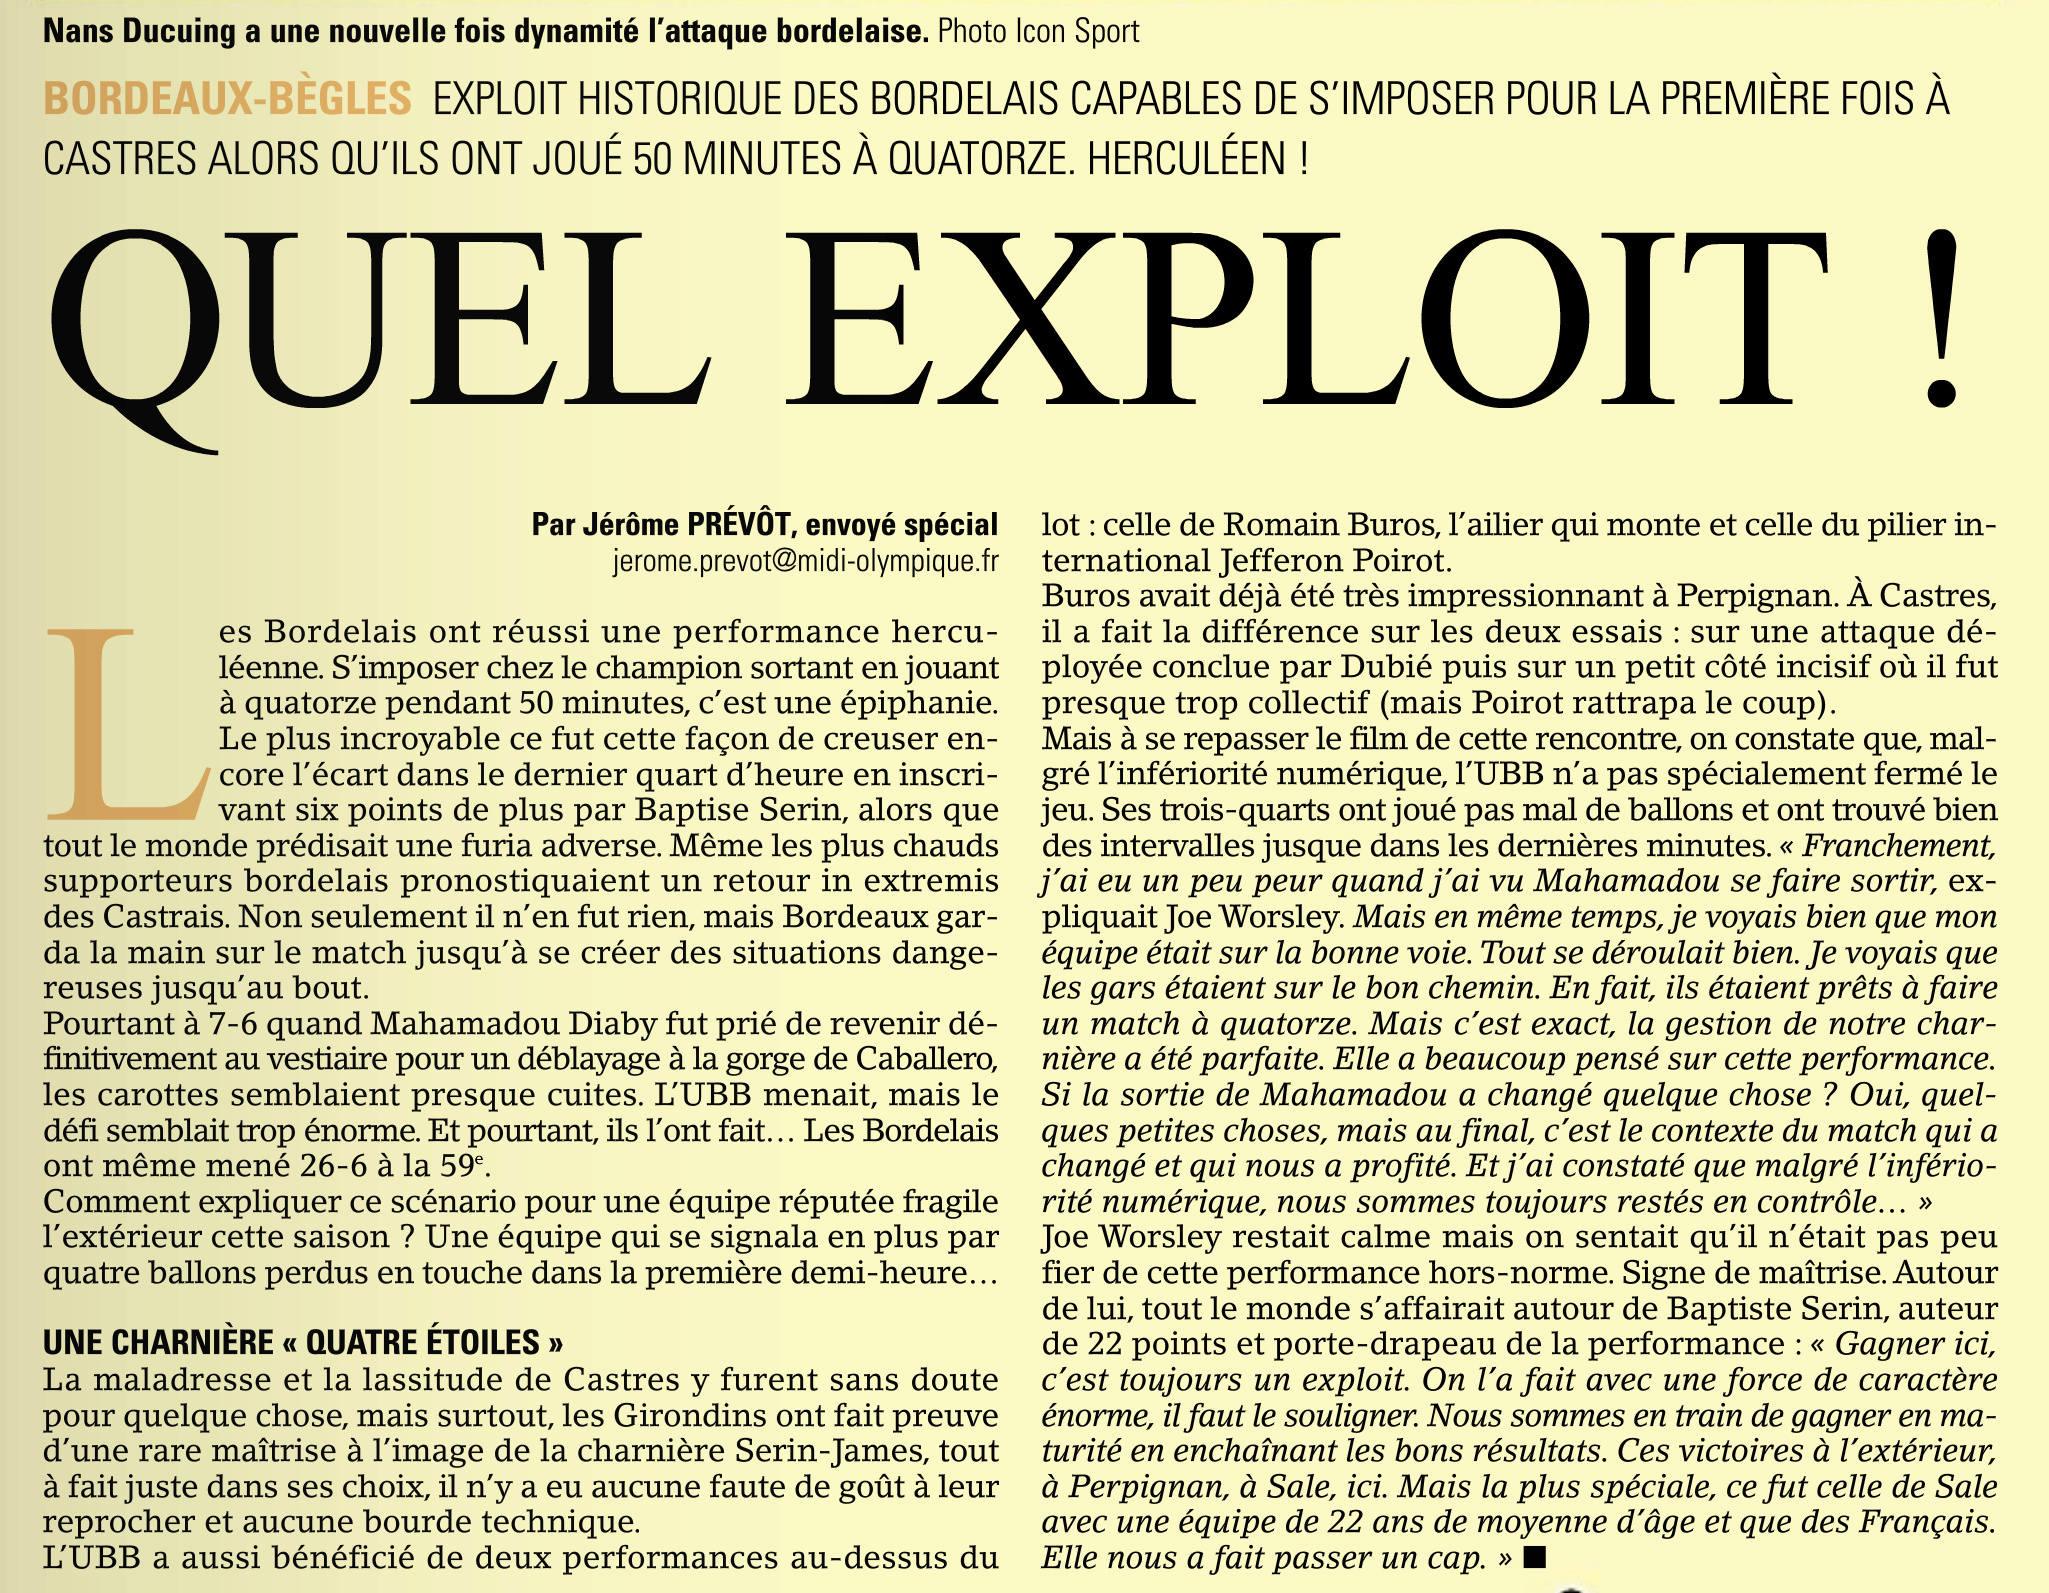 Top14 - 12ème journée : Castres / UBB - Page 4 Captur13